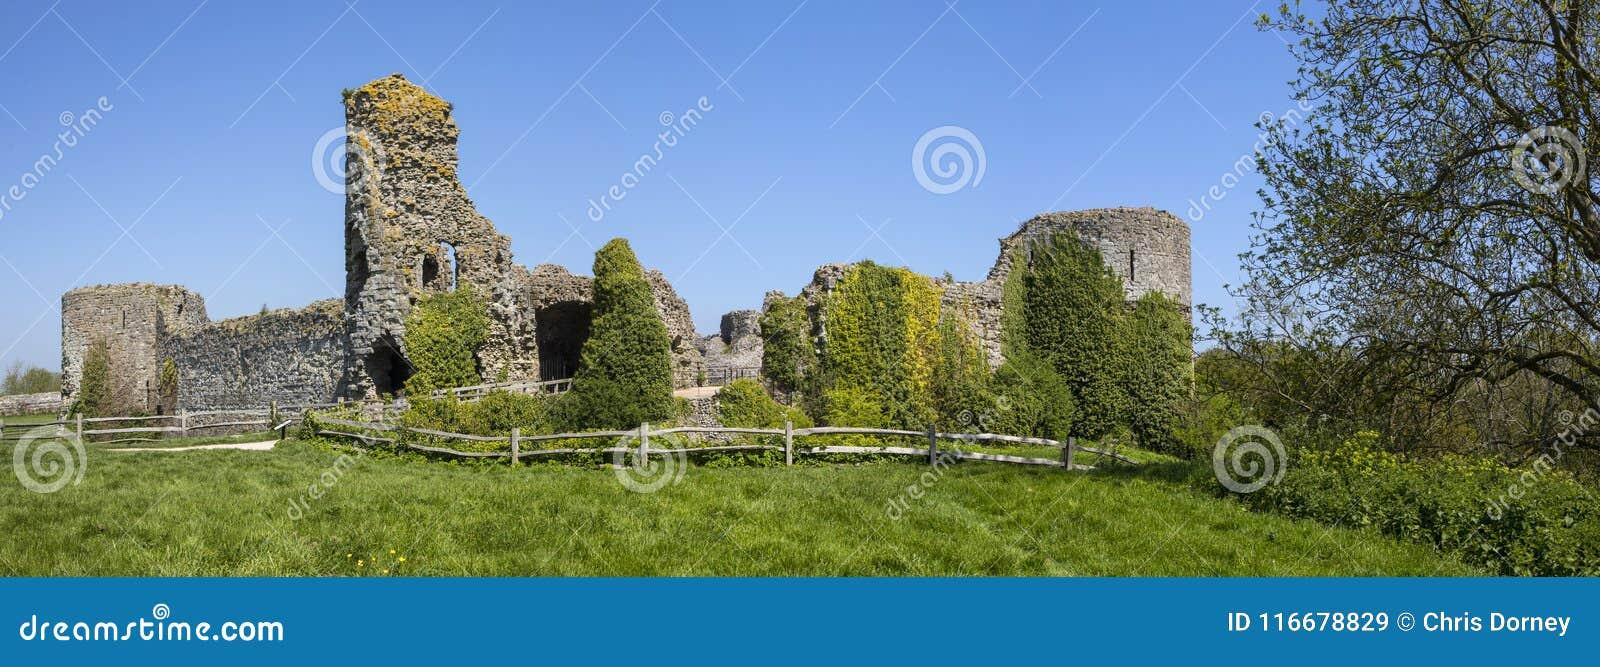 Pevensey slott i östliga Sussex